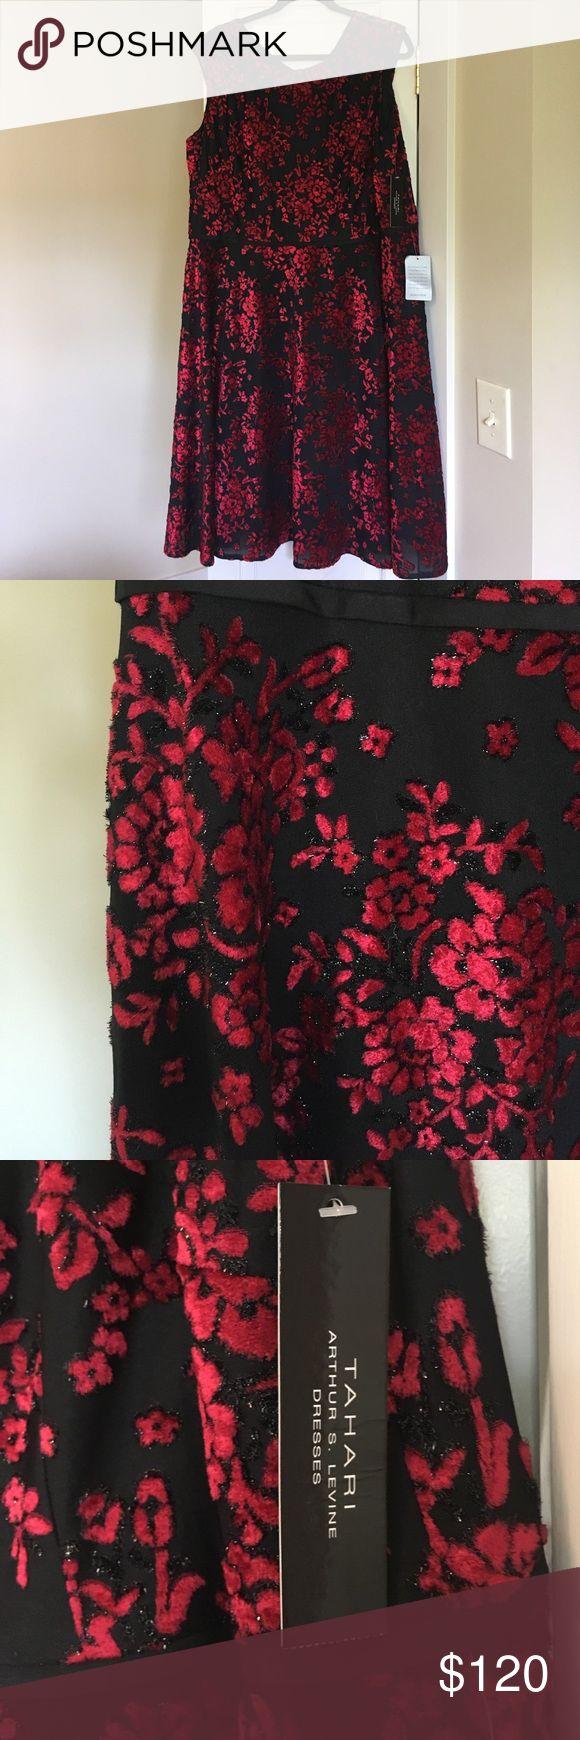 Tahari Size 16W Black and Garnet Dress Beautiful Black Dress with Garnet Floral Pattern Tahari Arthur S. Levine Tahari Dresses Midi